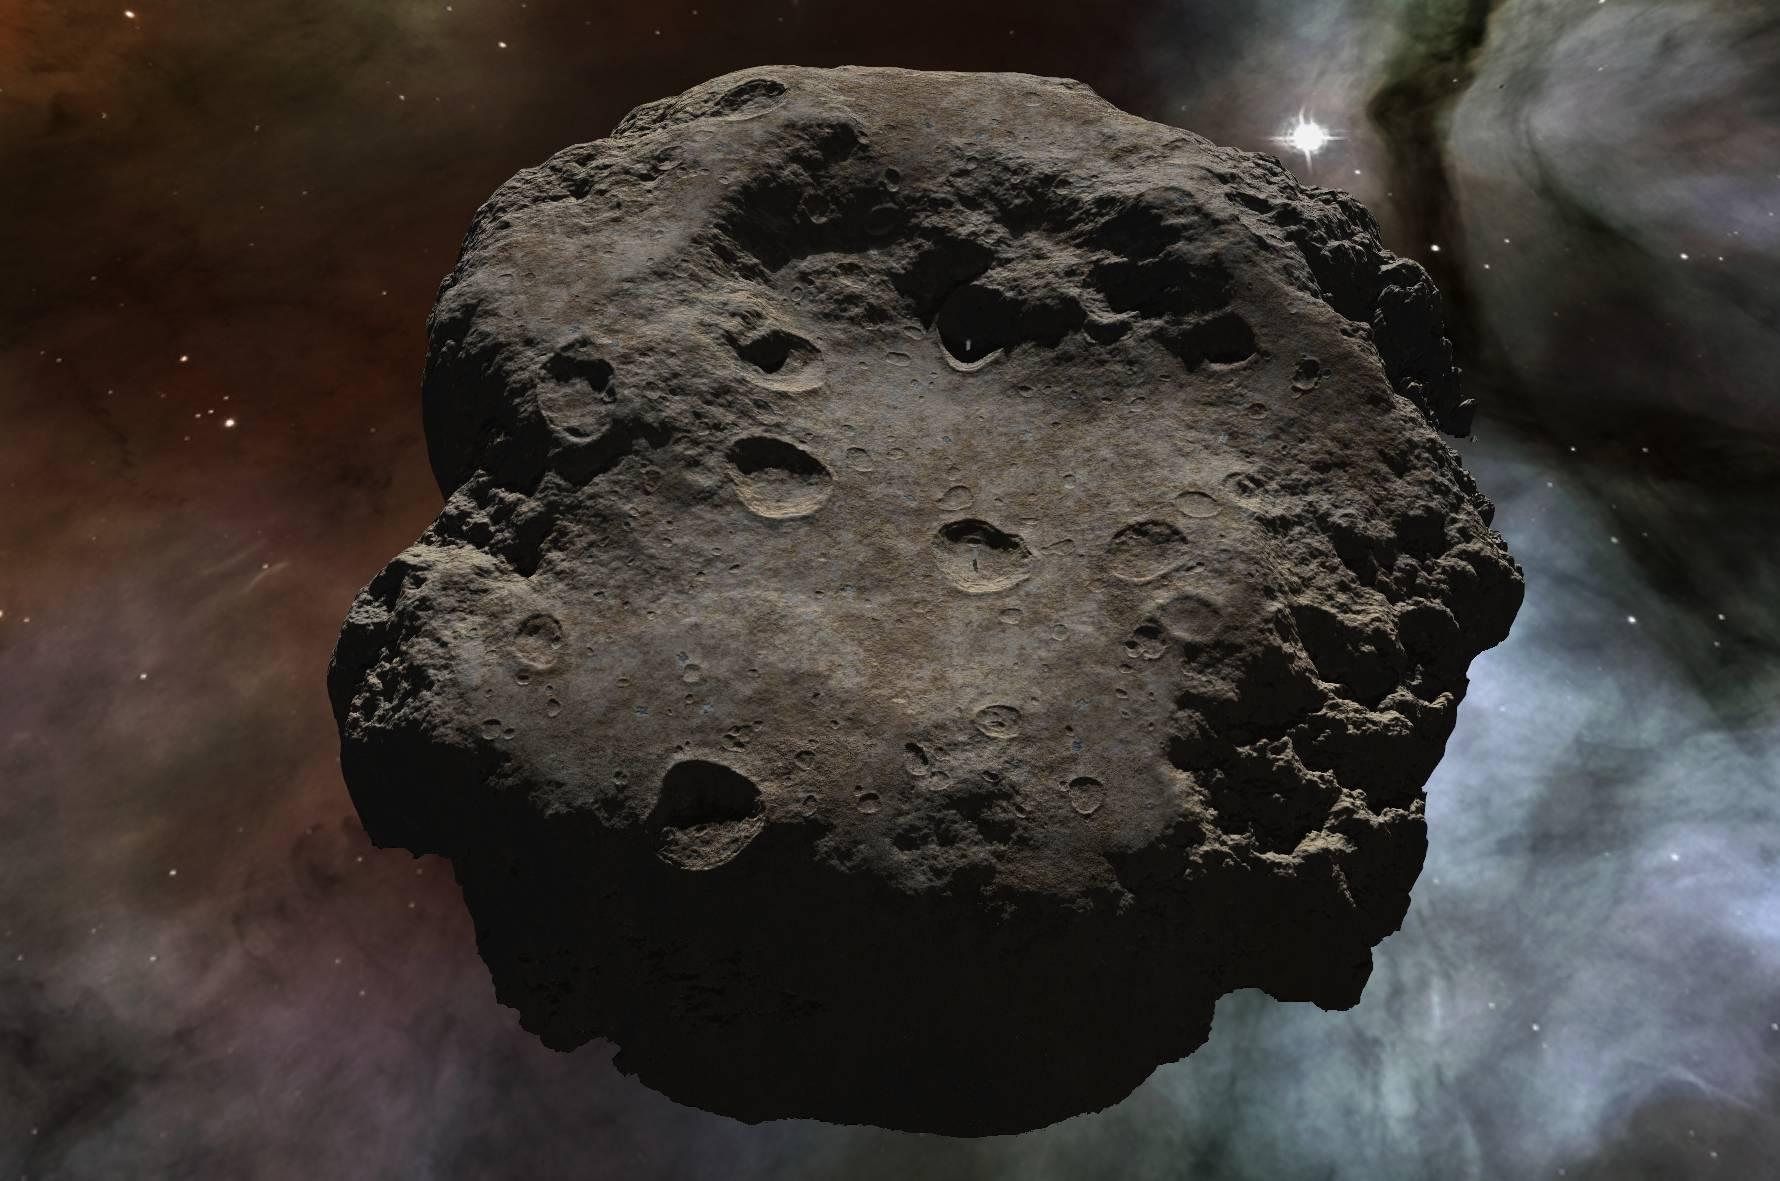 asteroid 2014 jo250 - HD1780×1181